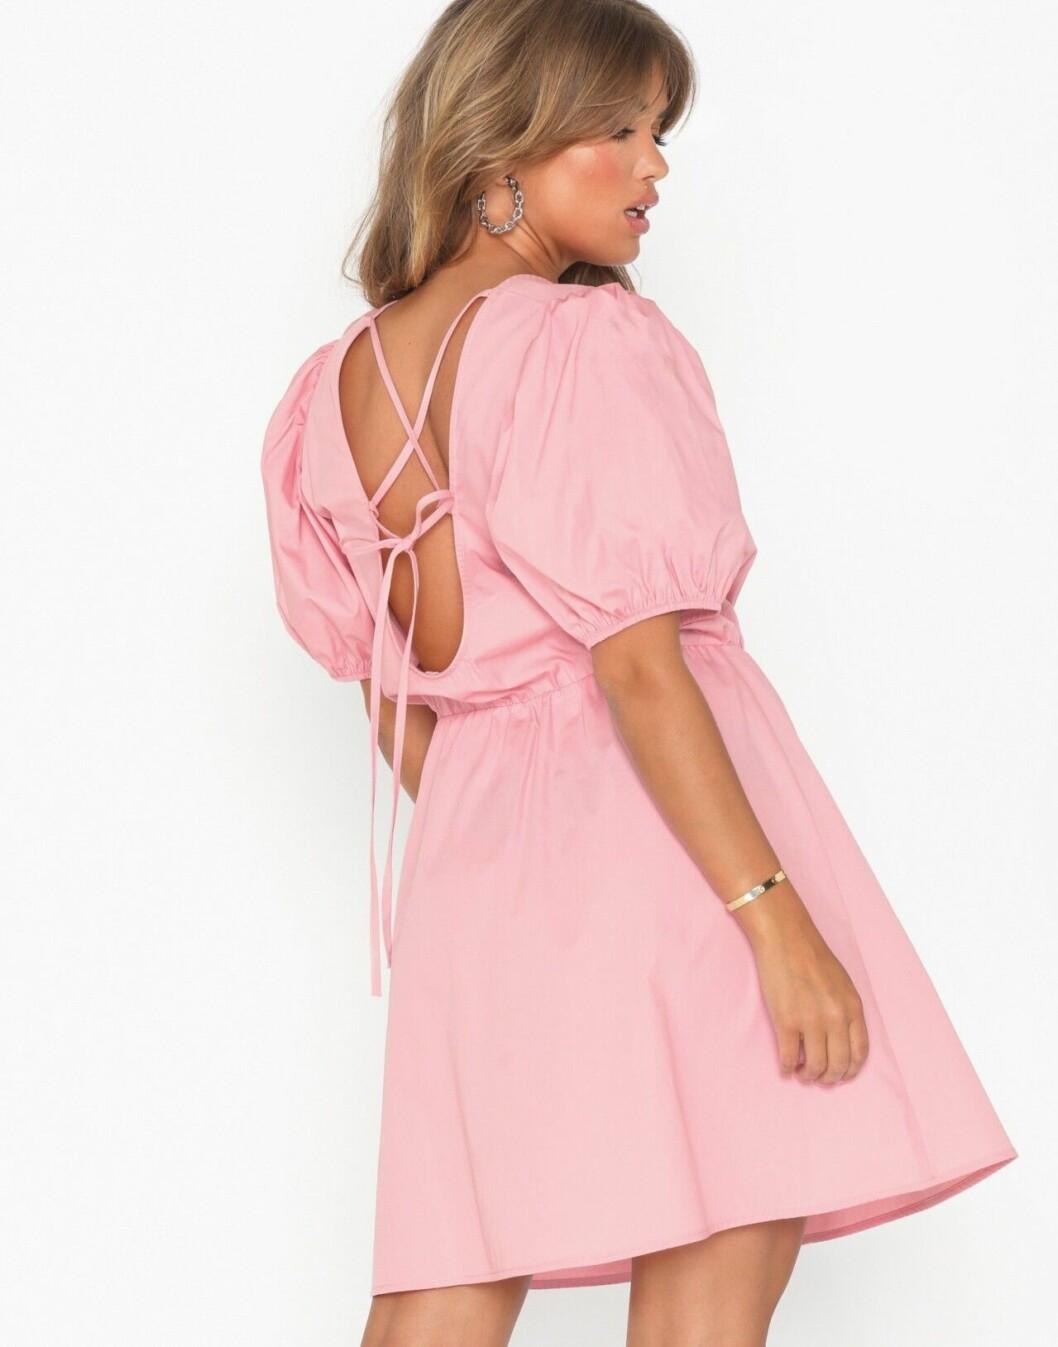 Rosa klänning med öppen rygg